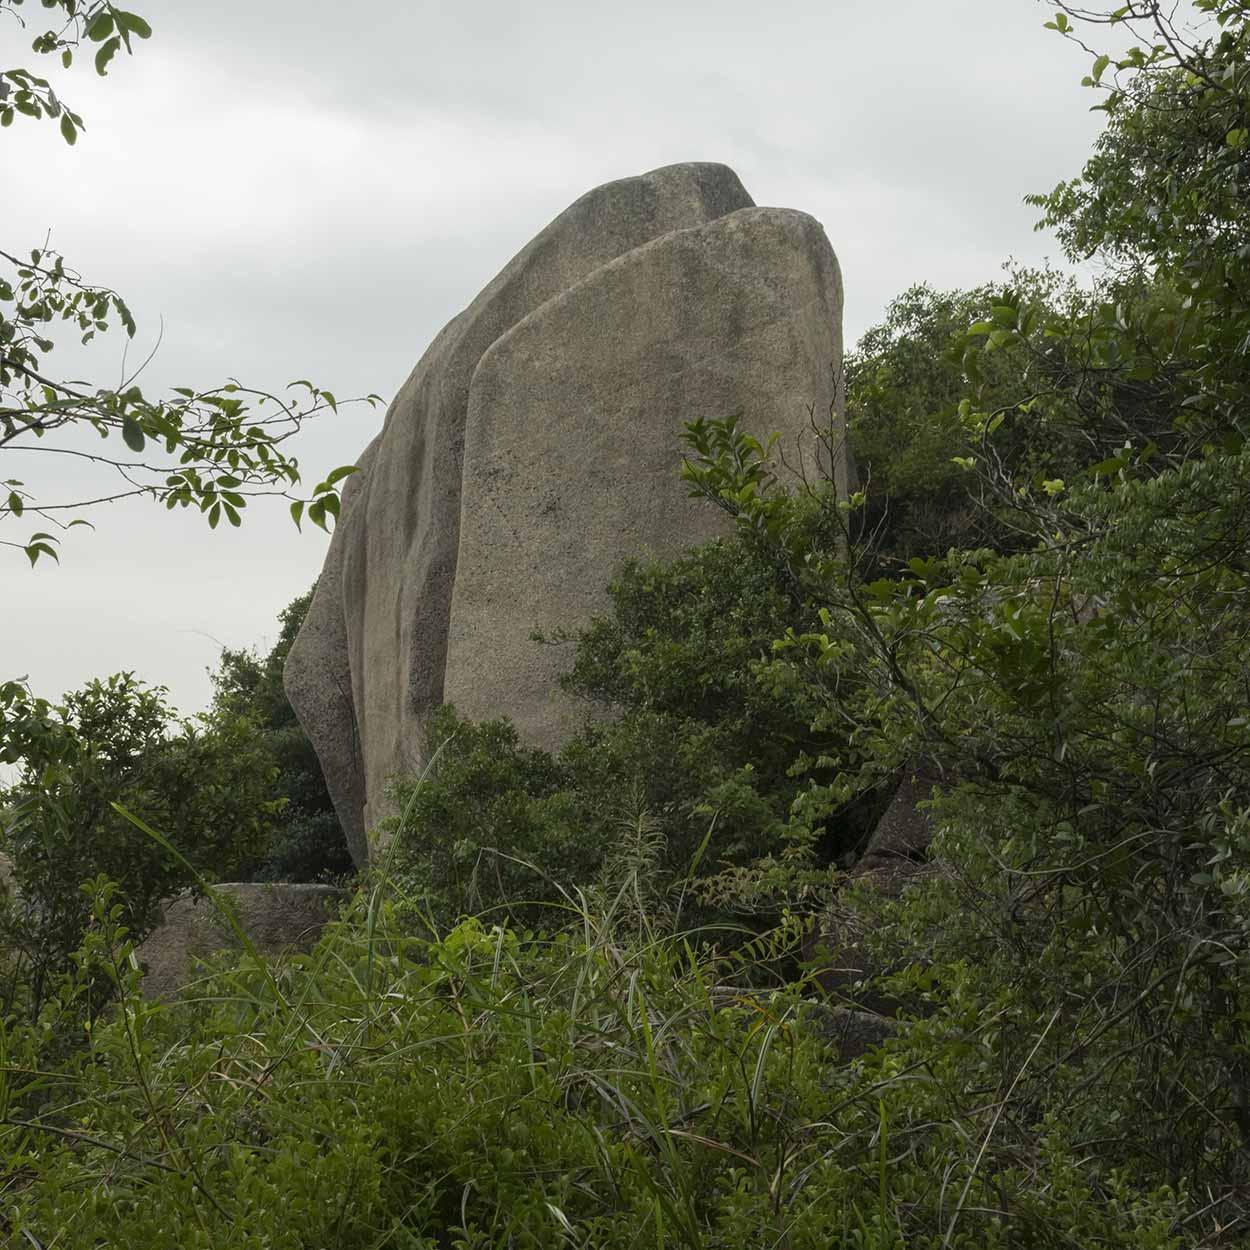 A boulder rises above the greenery, Chi Ma Wan Country Trail, Lantau Island, Hong Kong, China